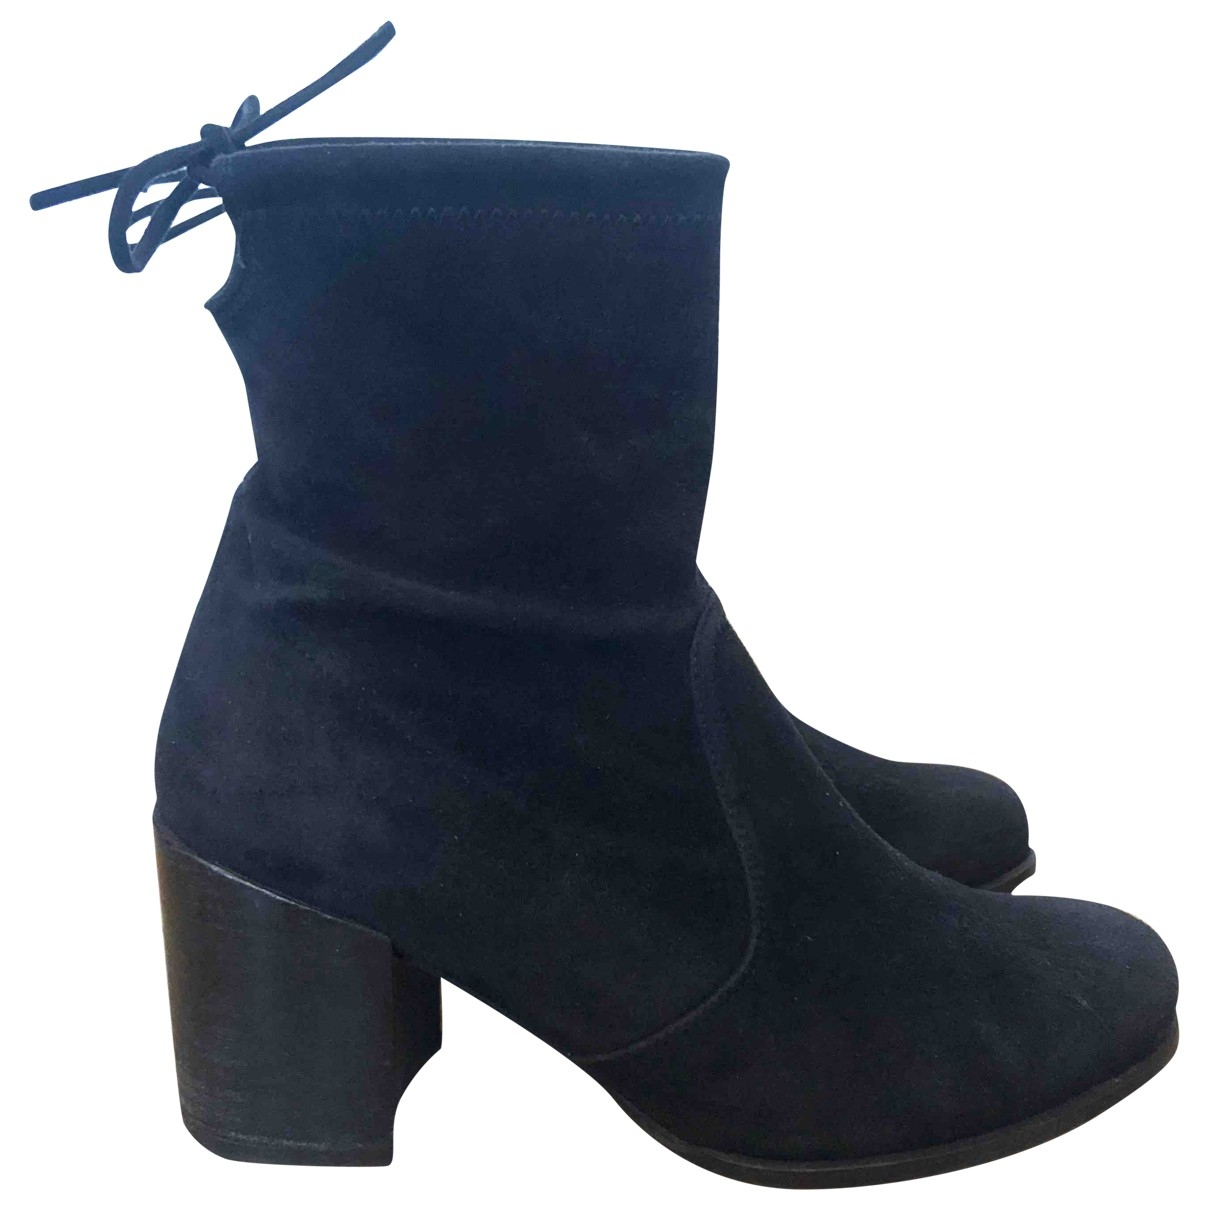 Stuart Weitzman - Boots   pour femme en suede - noir